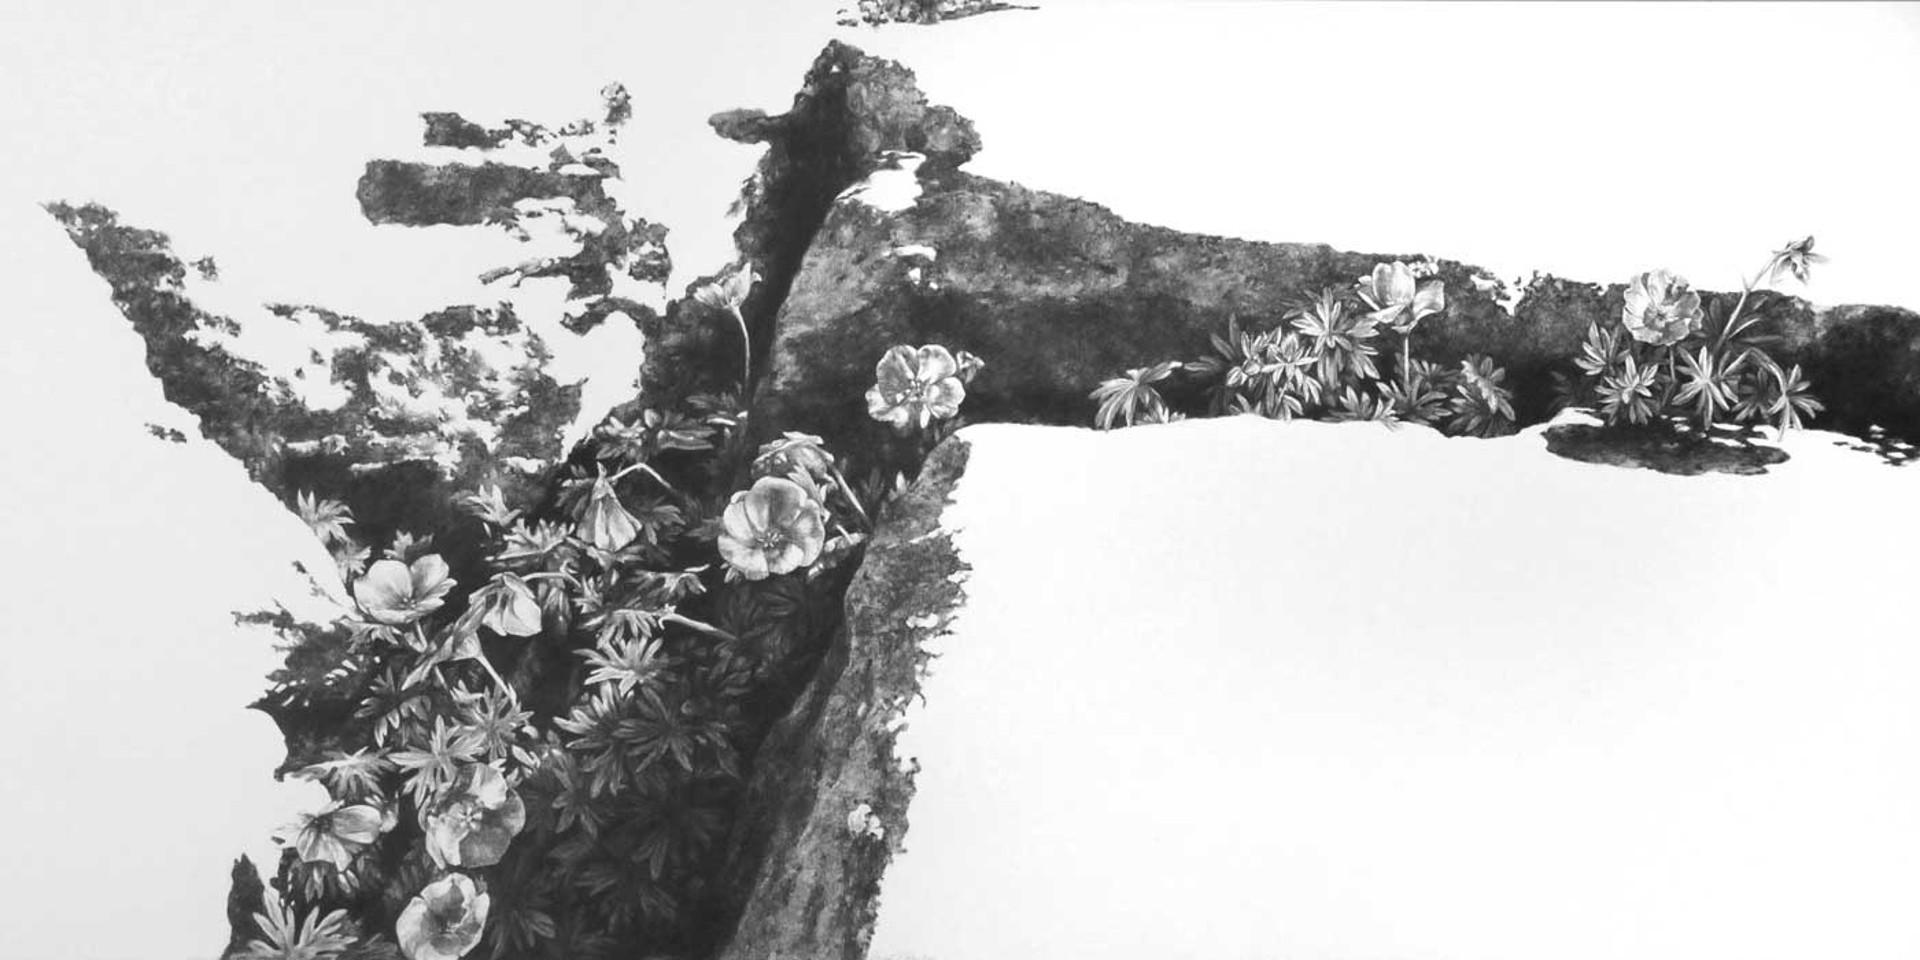 The Fertile Rock III by Robin Cole